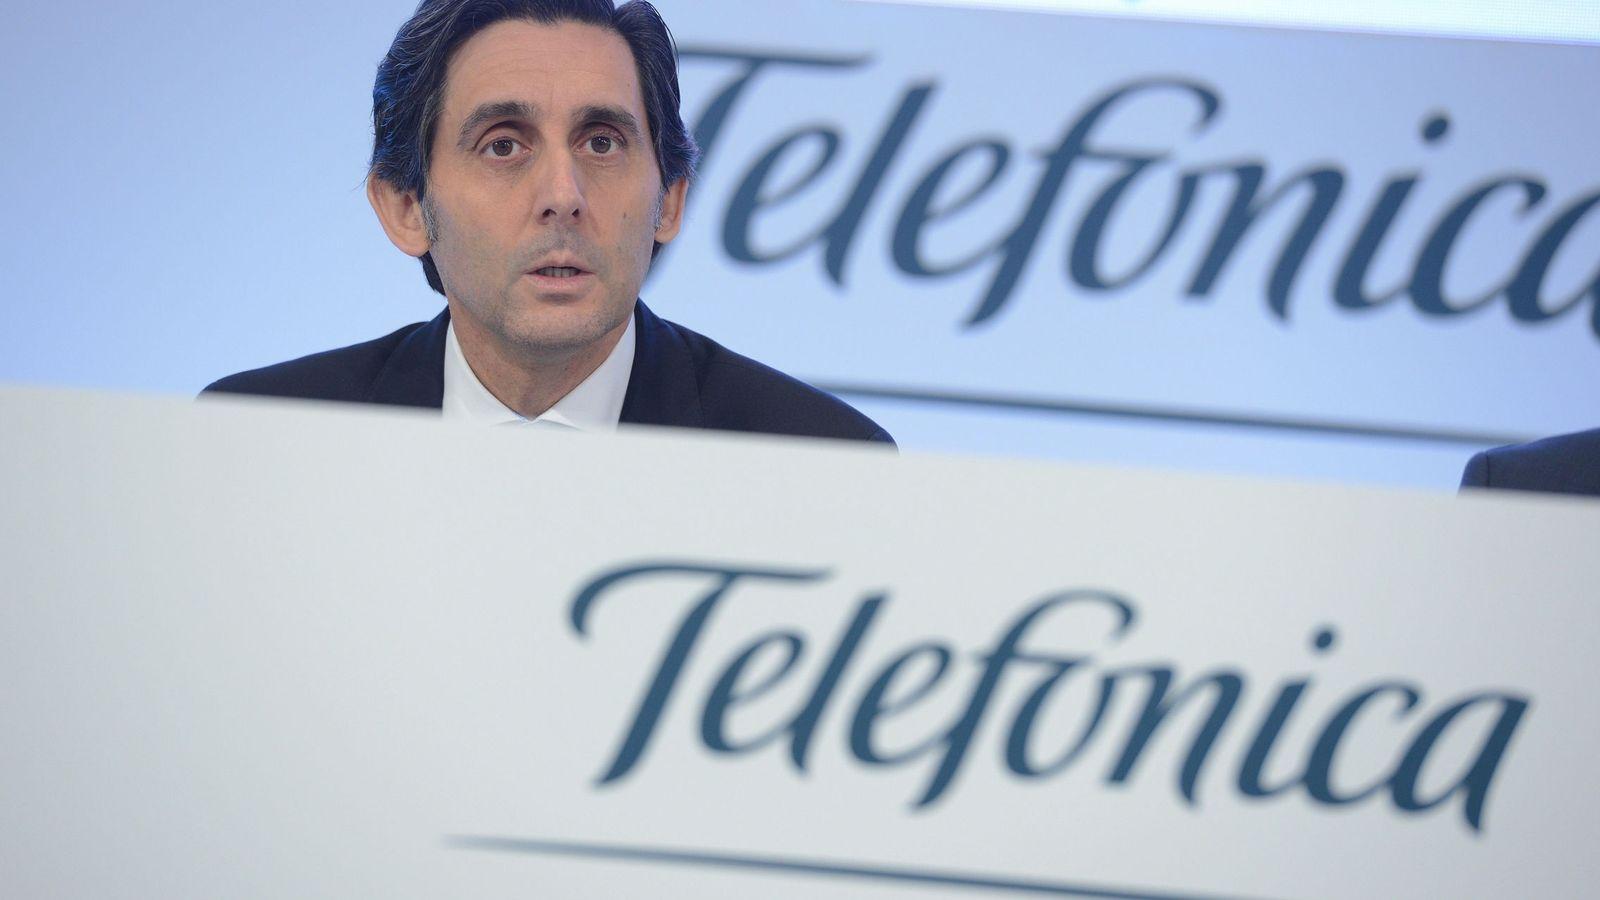 Foto: El presidente de Telefonica, José María Álvarez-Pallete. (EFE)